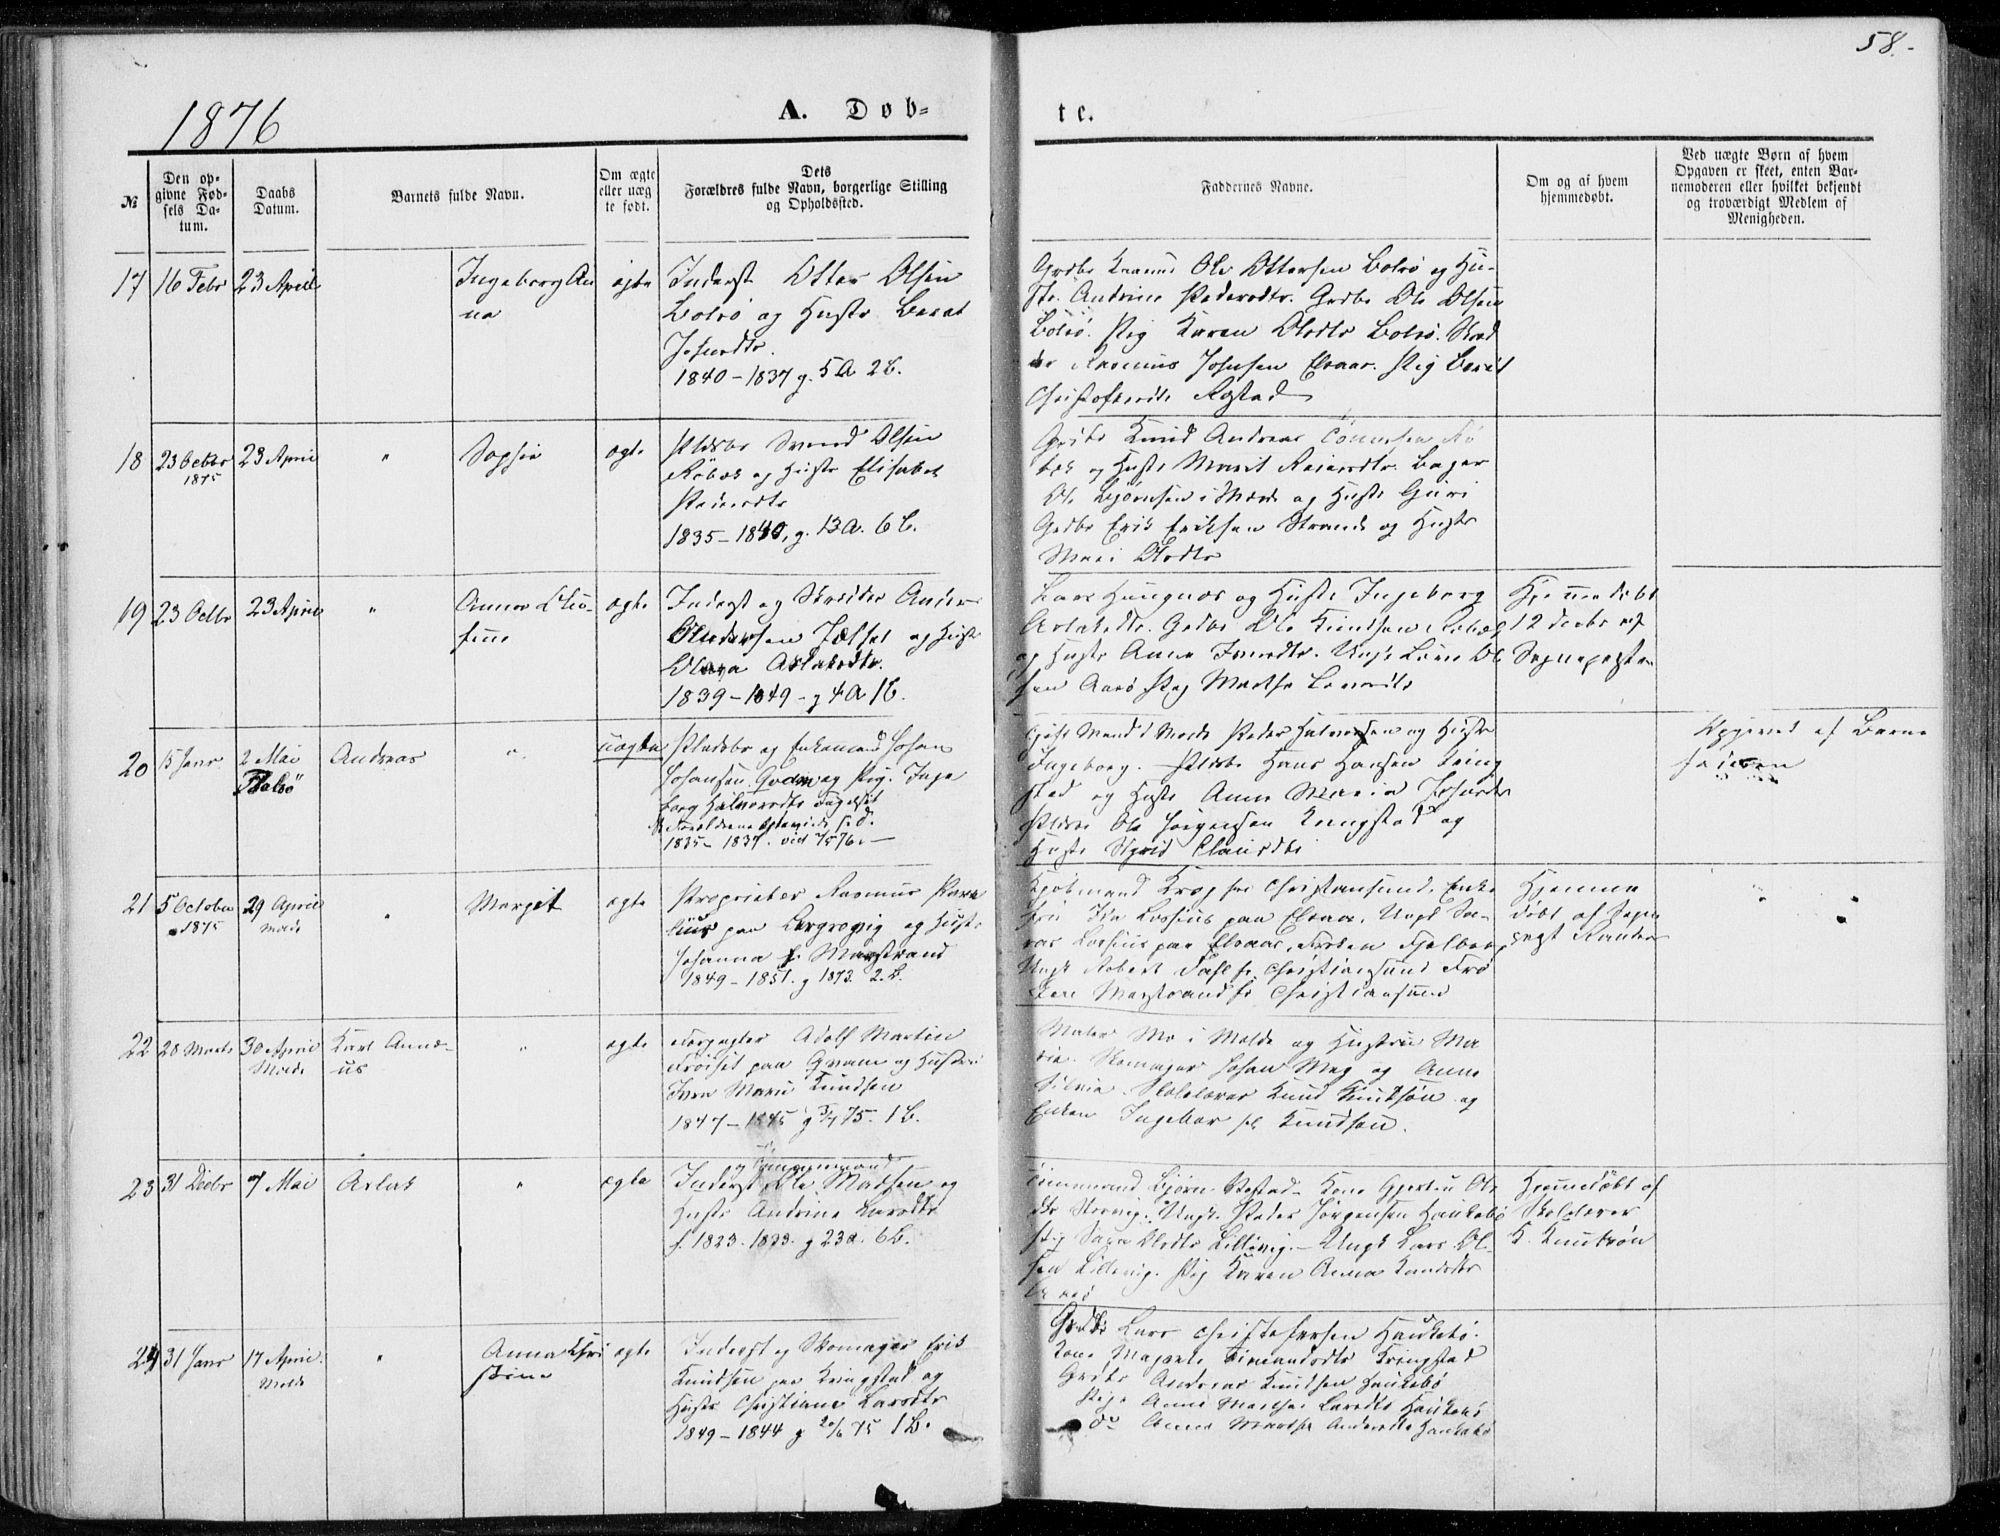 SAT, Ministerialprotokoller, klokkerbøker og fødselsregistre - Møre og Romsdal, 555/L0655: Ministerialbok nr. 555A05, 1869-1886, s. 58